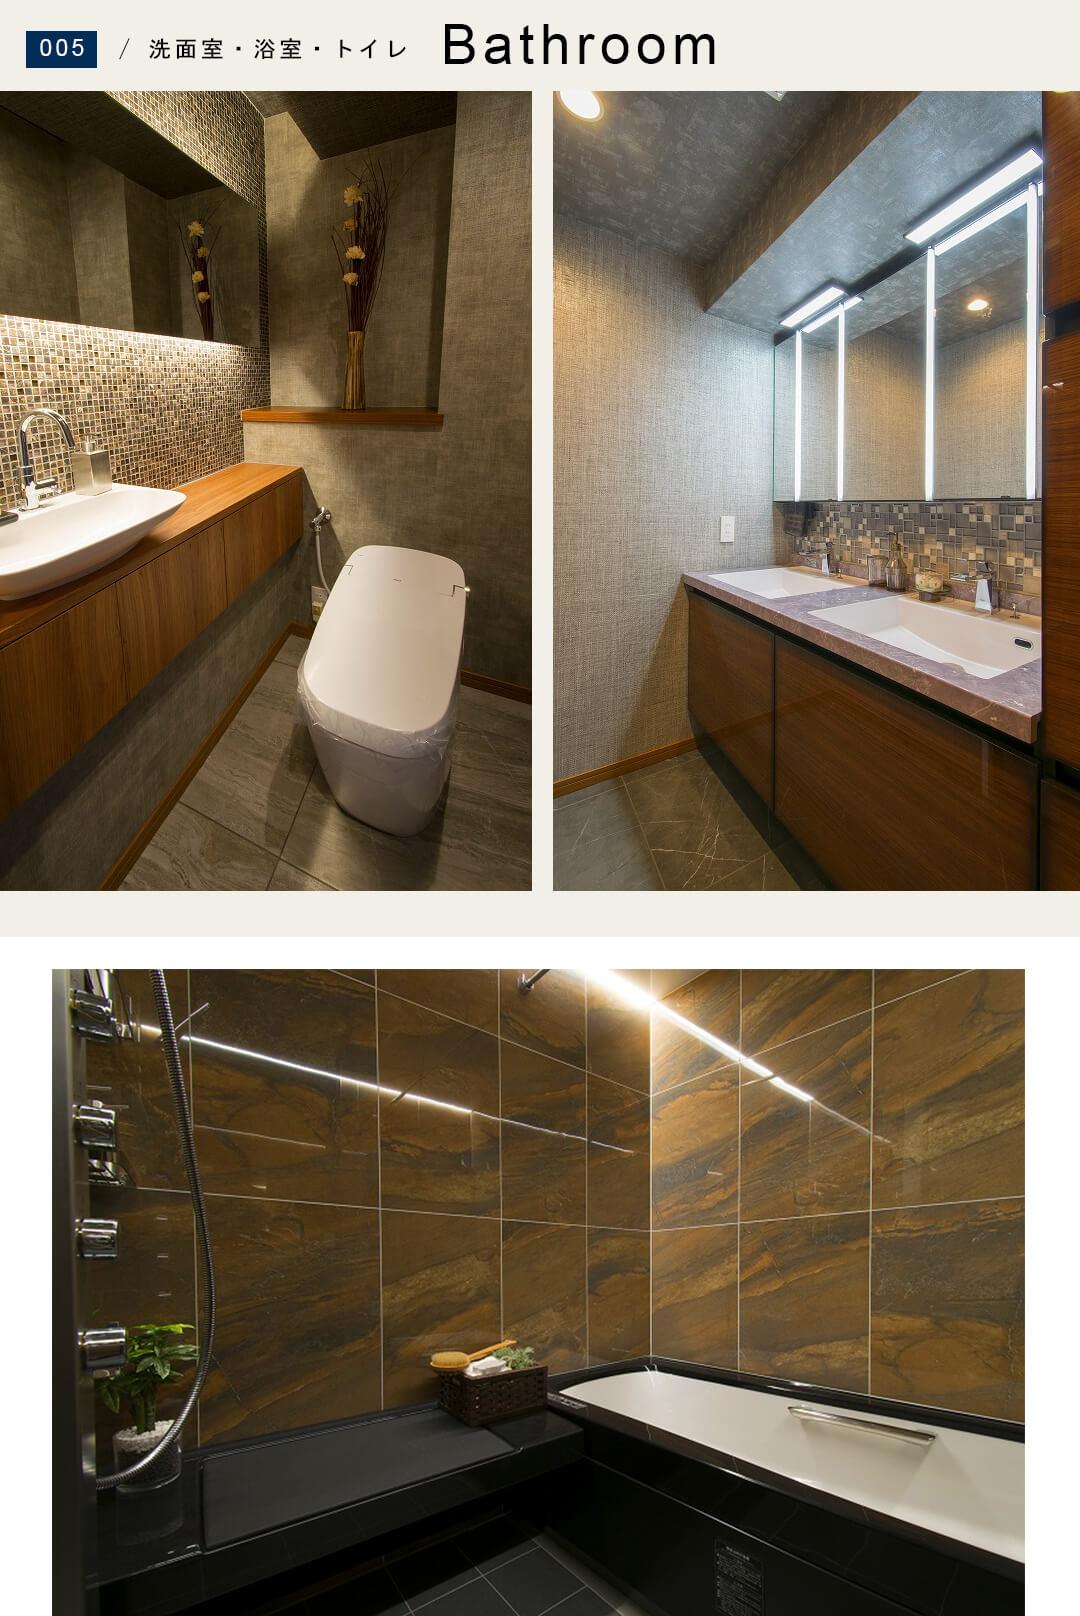 幡ヶ谷ハイムグランシスの洗面室と浴室とトイレ